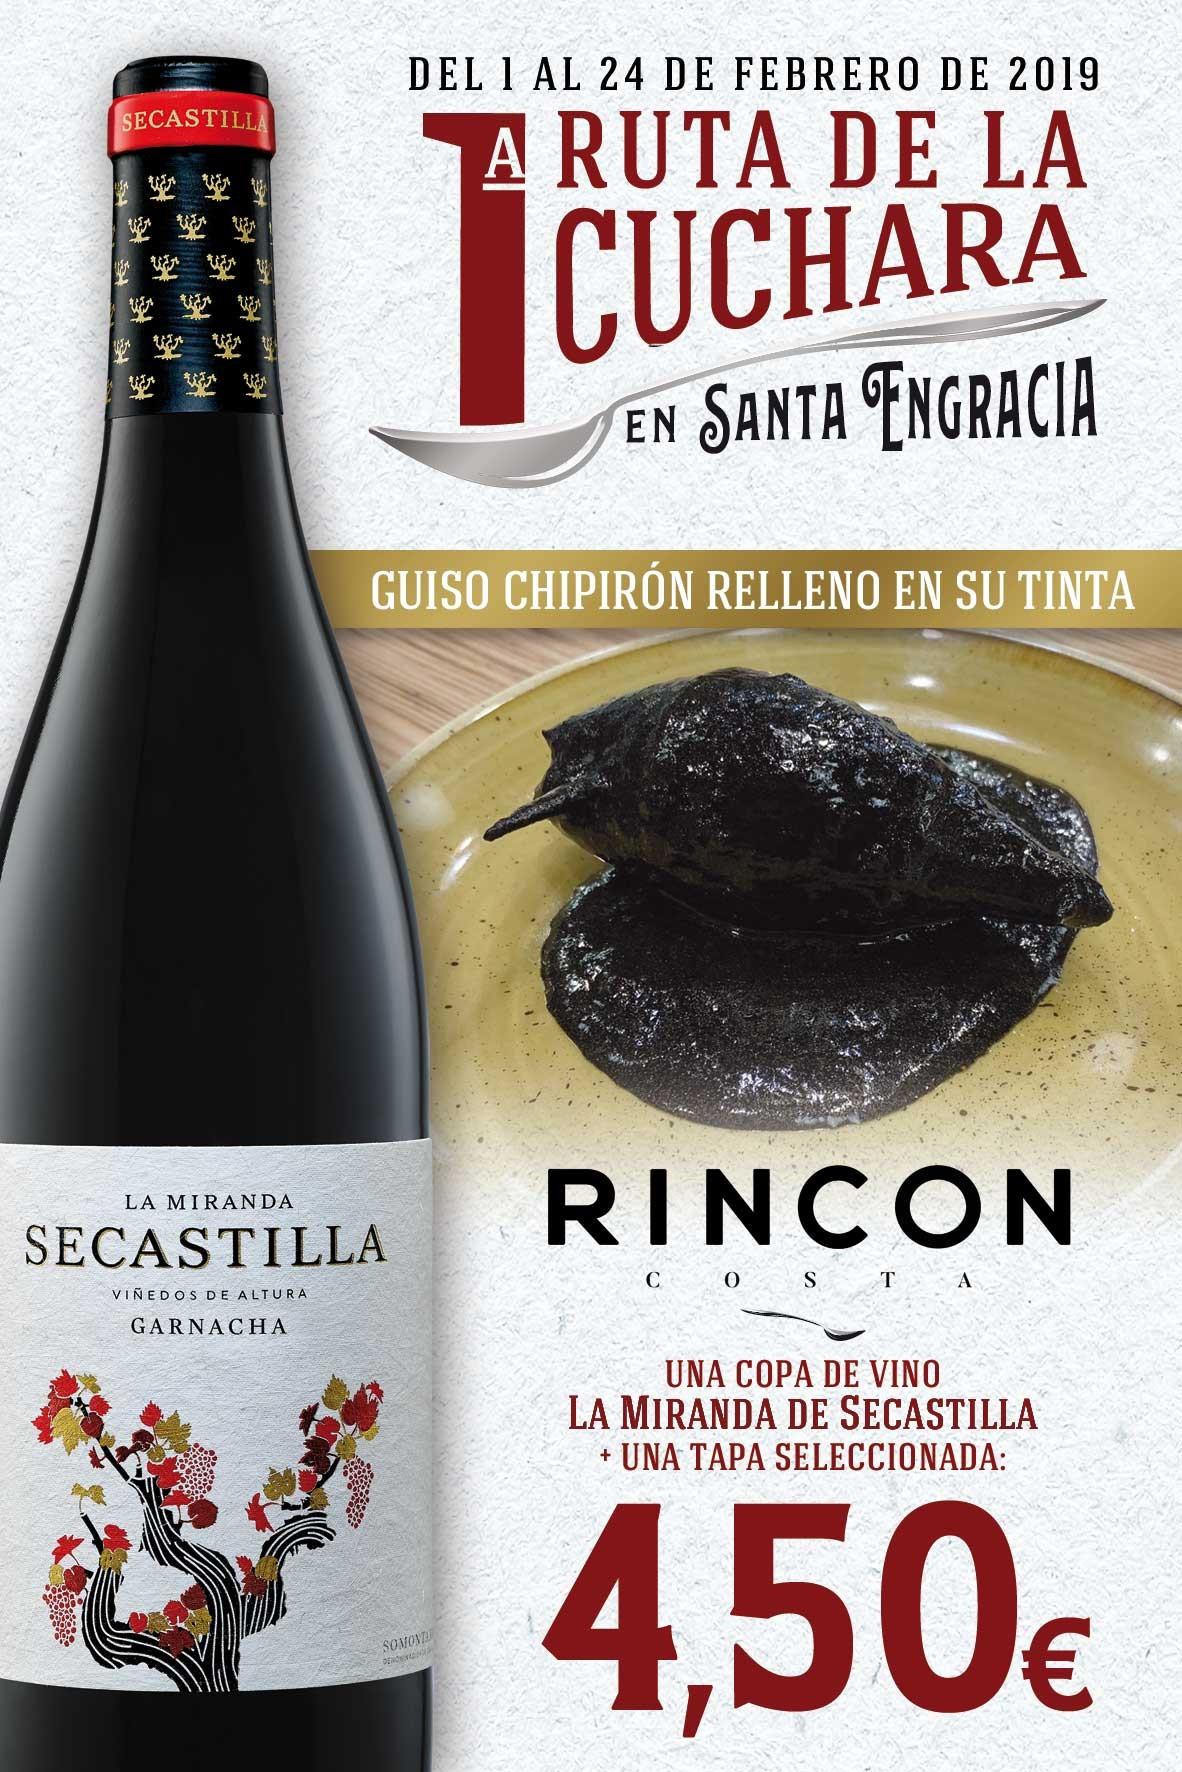 Rincón Costa